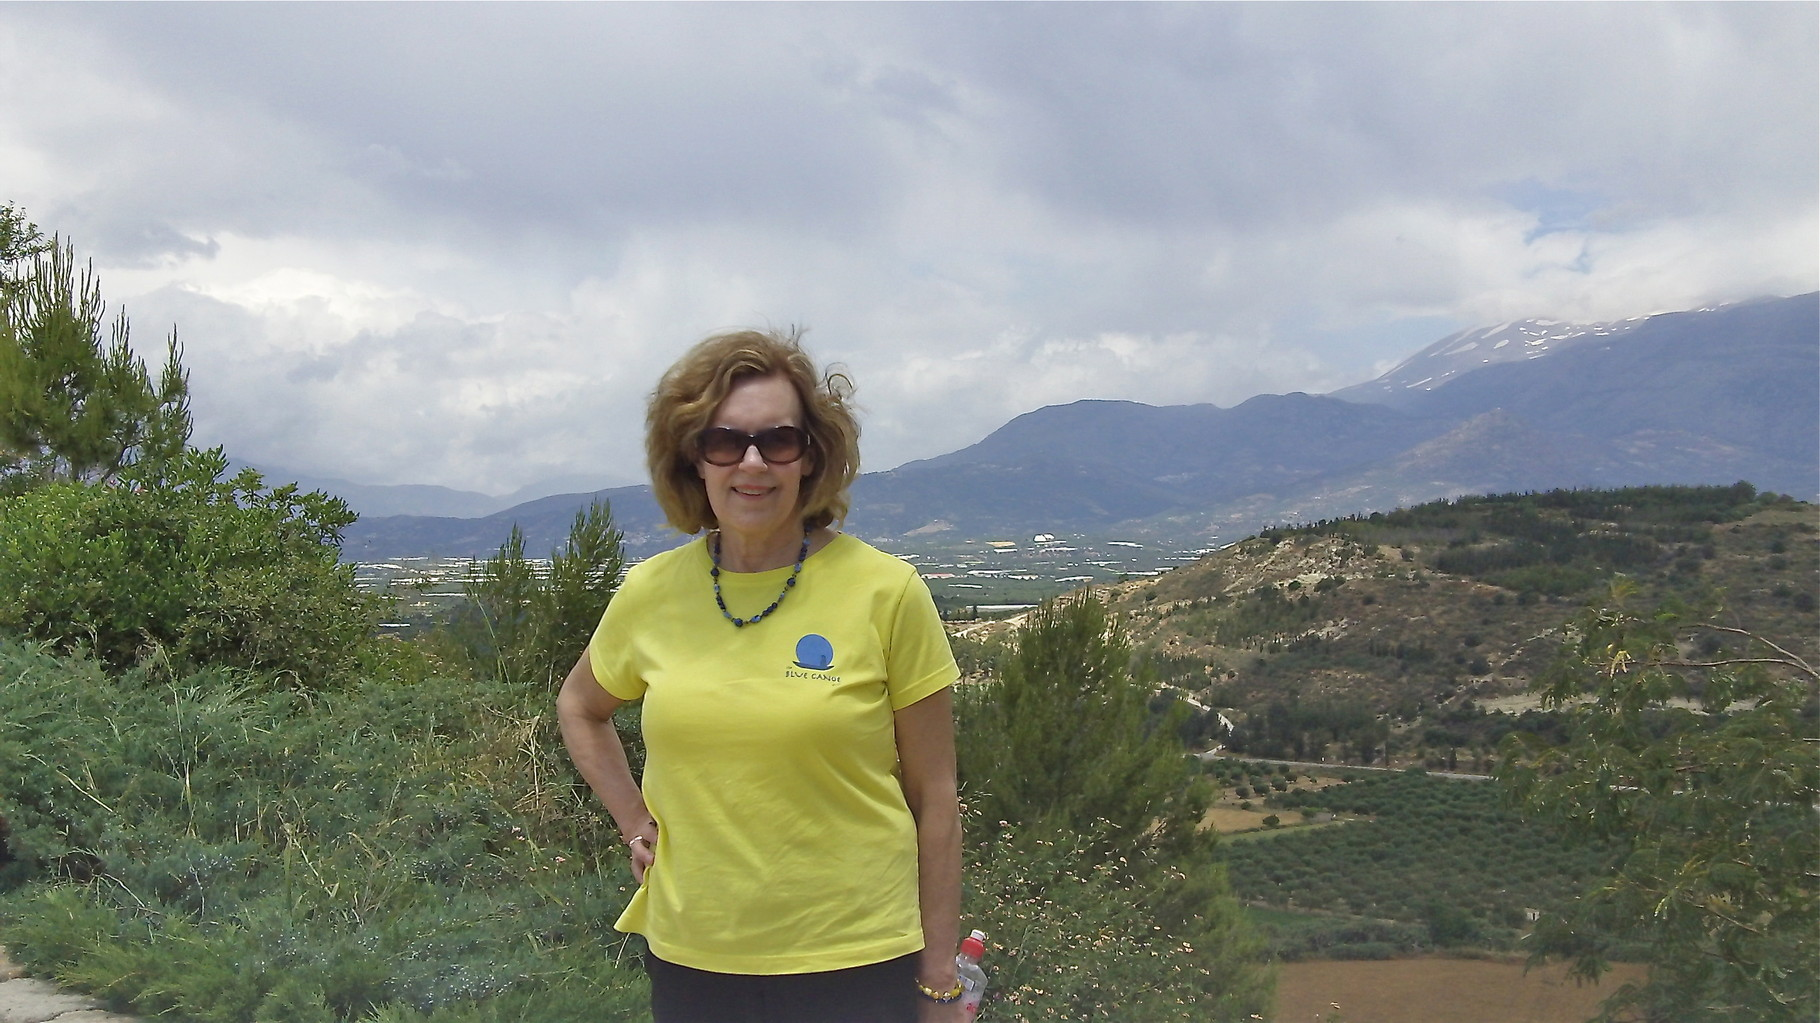 Lorraine at Phaestos, Crete